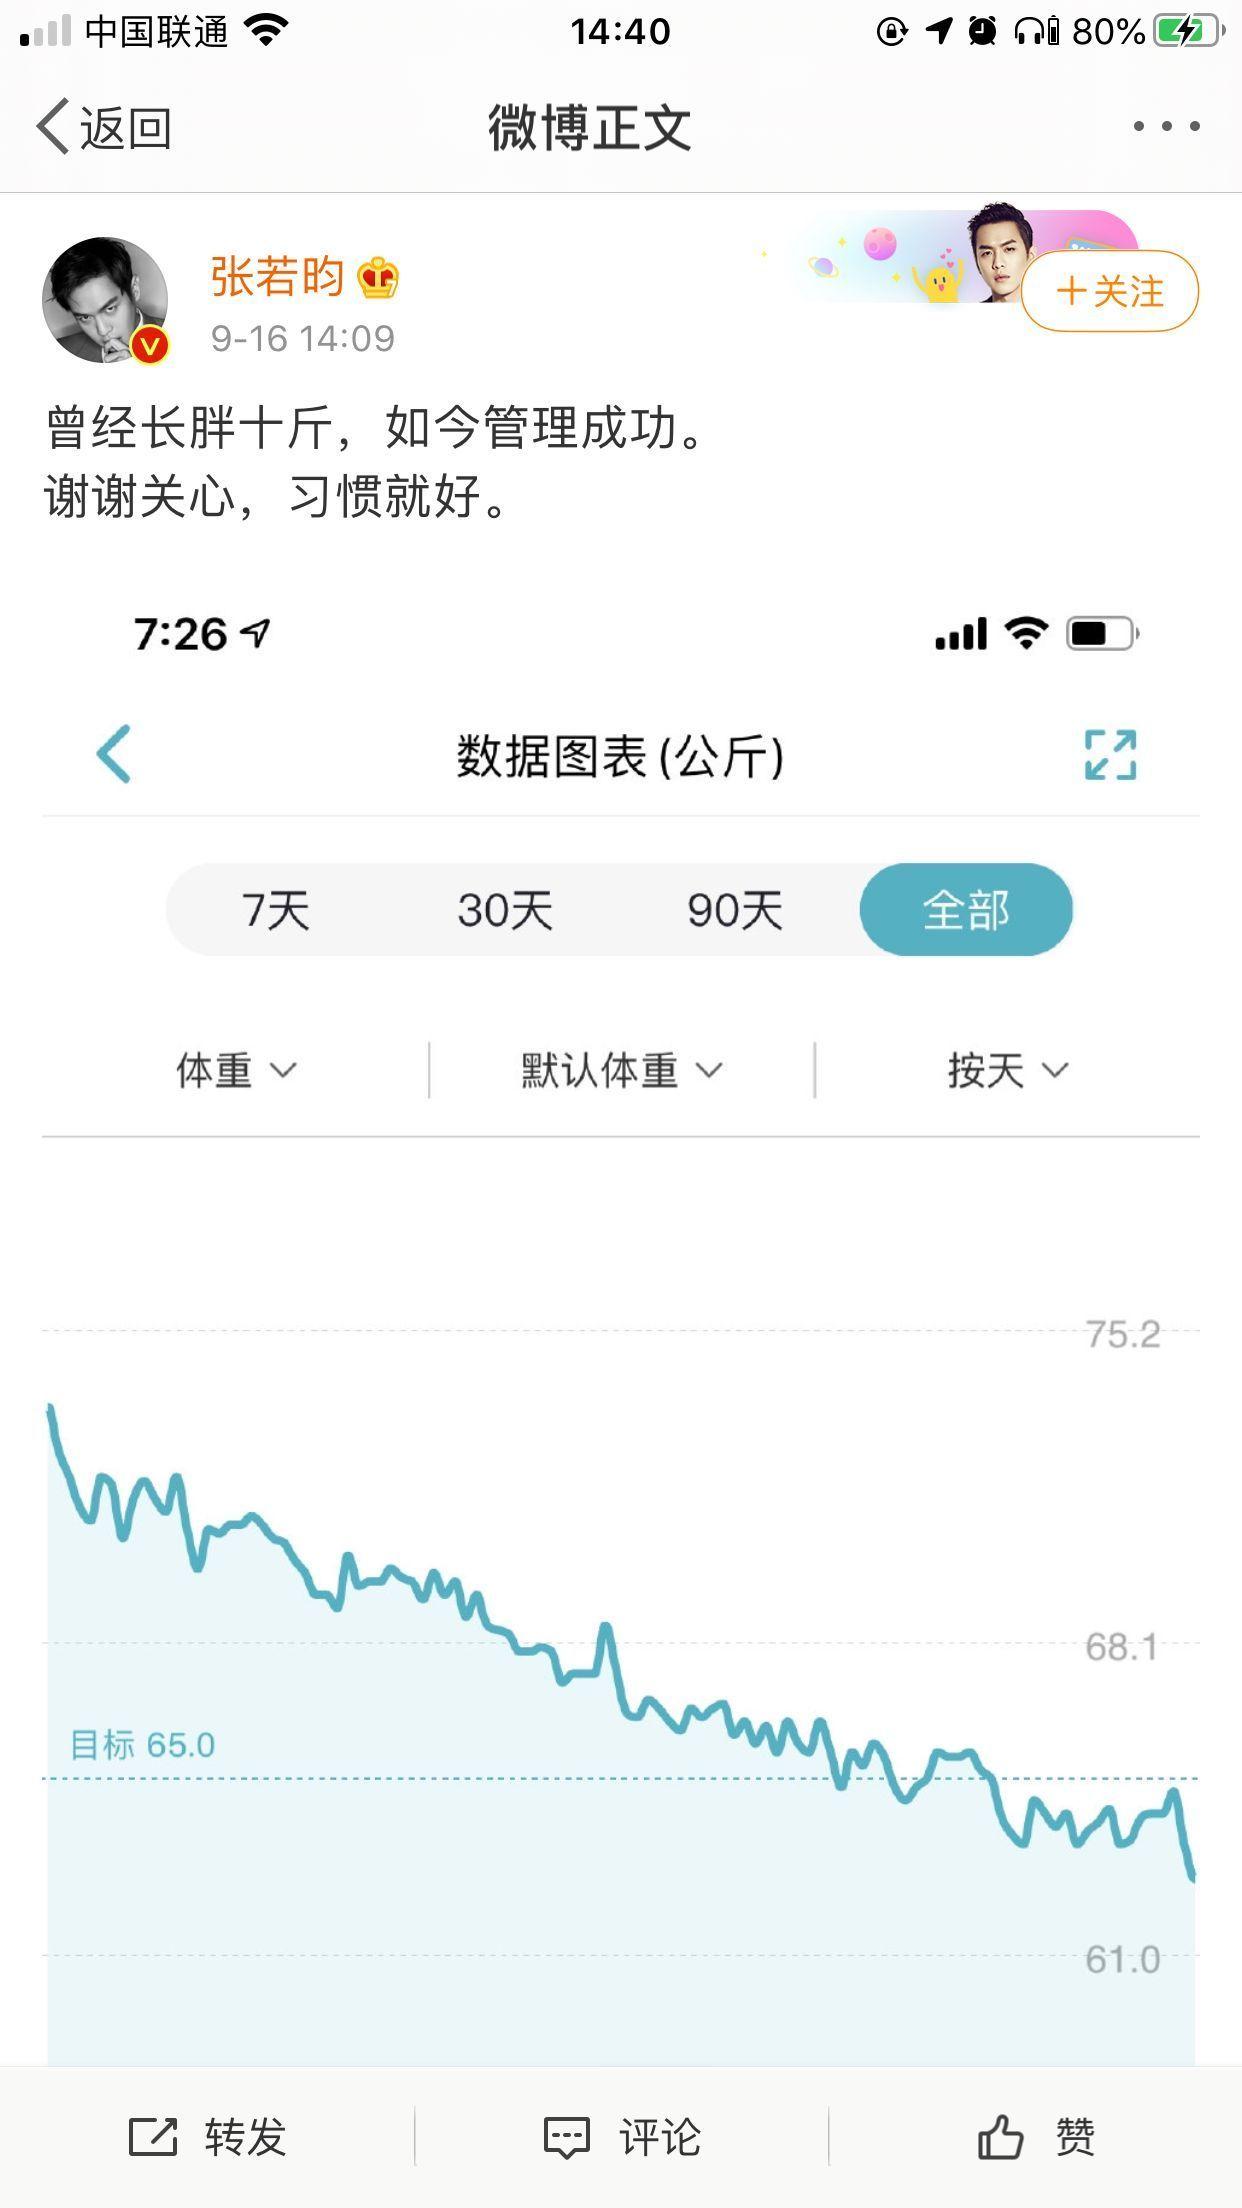 冲上热搜!张若昀吃月子餐胖了十斤, 与刘昊然对话搞笑